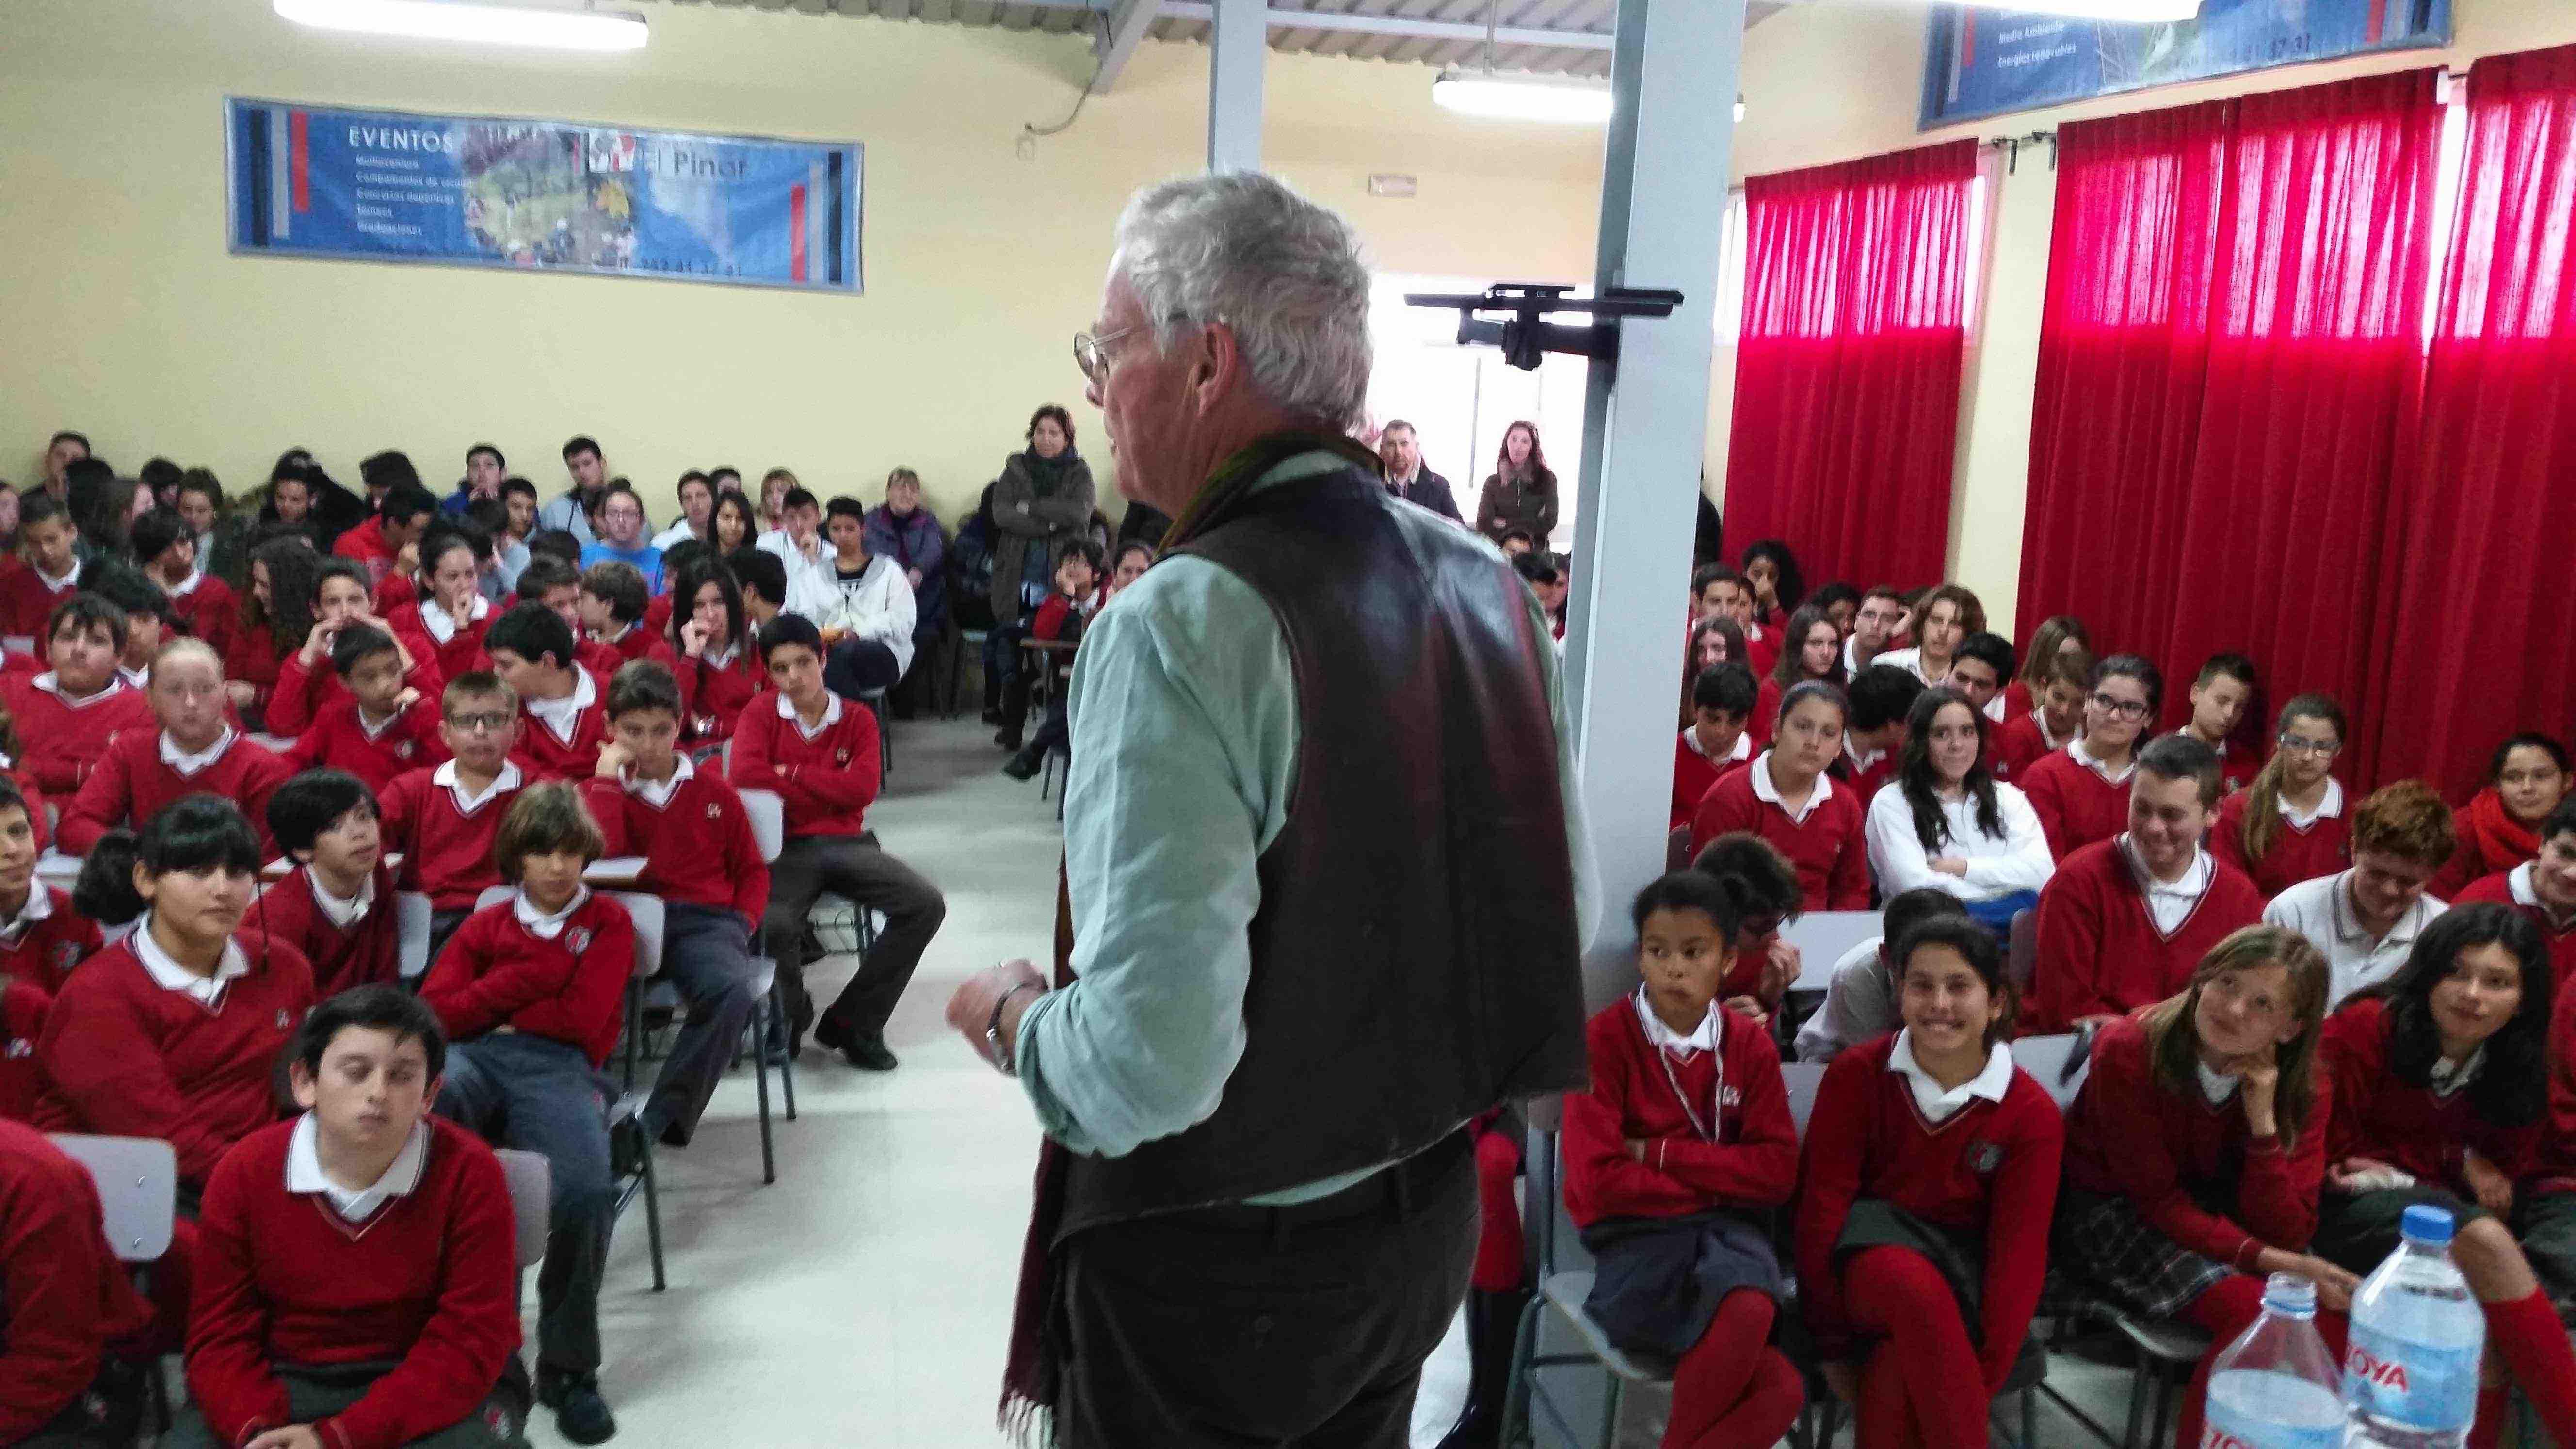 Chris Stewart anima a los estudiantes del Pinar